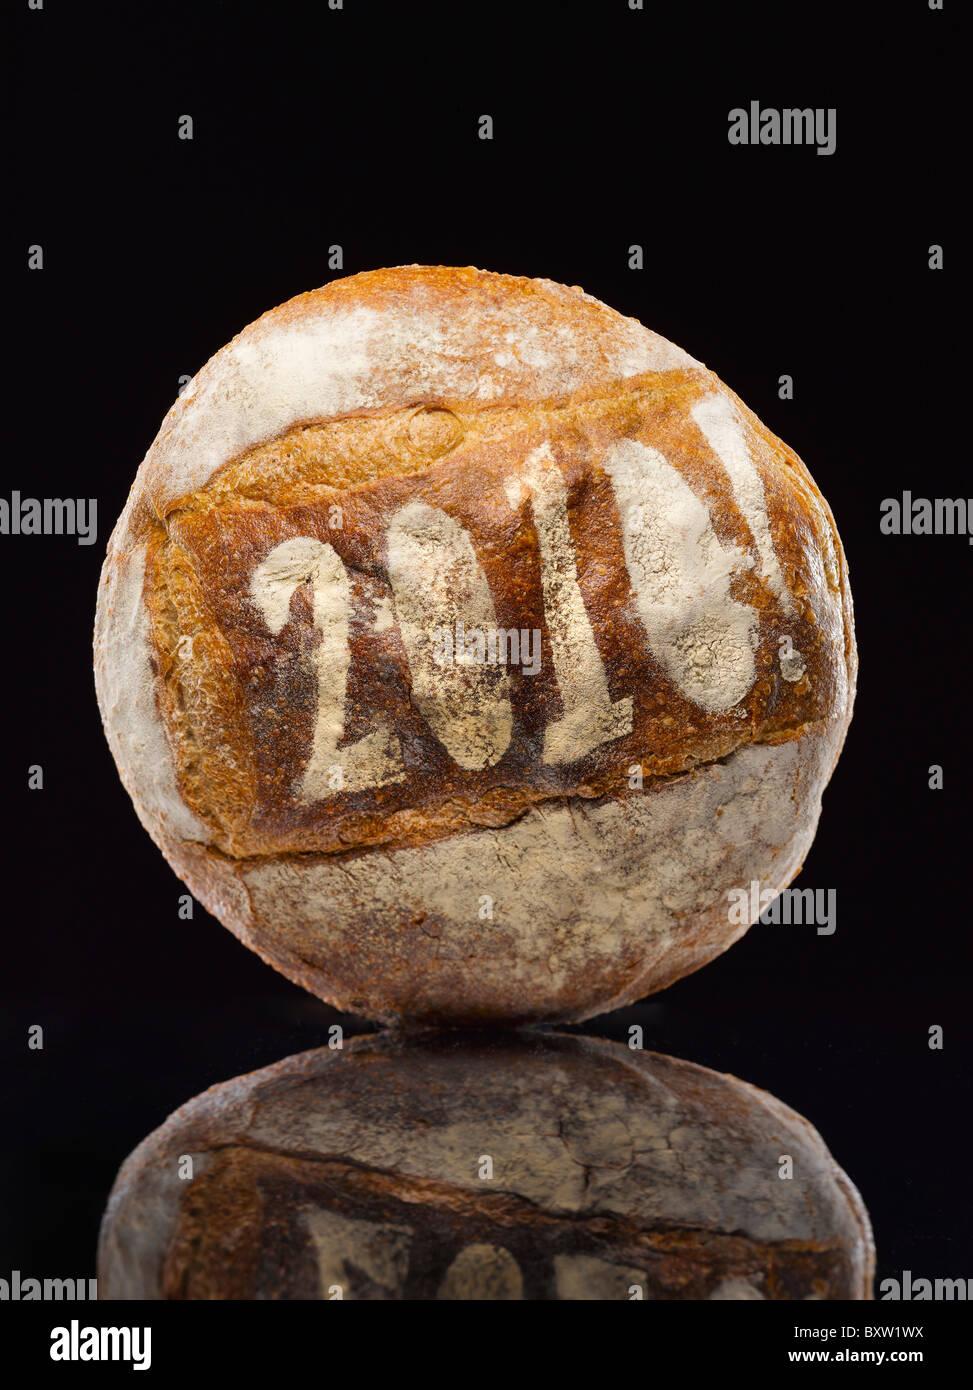 Pagnotta di pane spolverata con la data dell'anno Immagini Stock